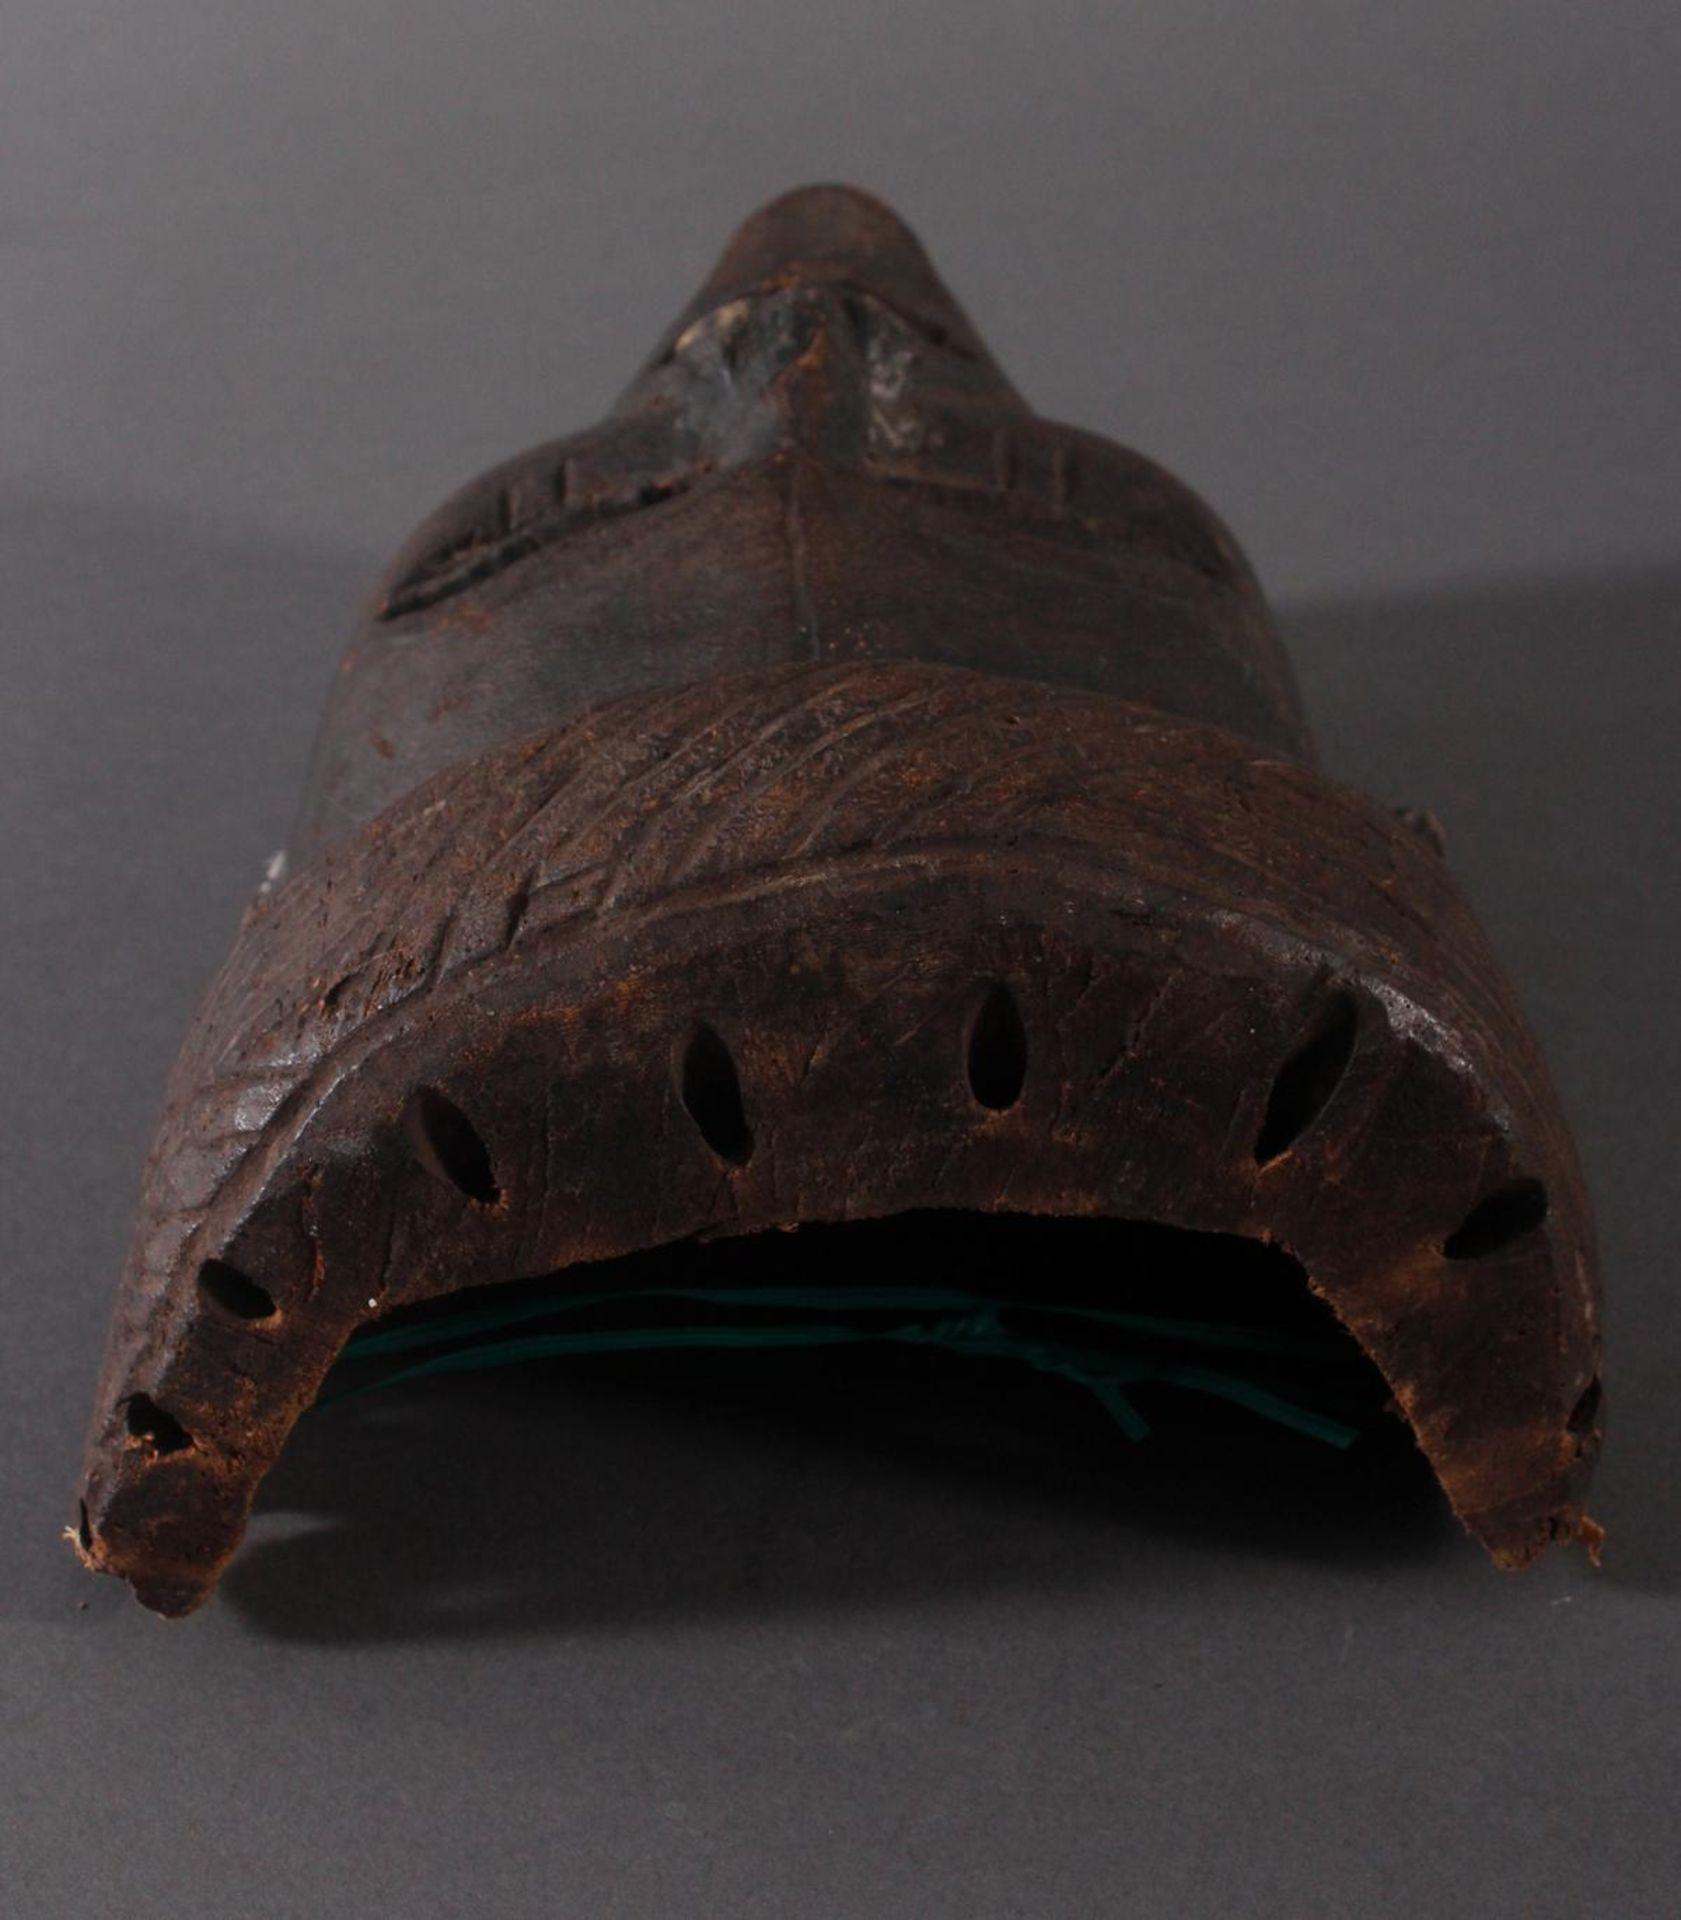 Antike Maske, Angola, Luena 20. Jh.Holz geschnitzt, dunkle Patina, Narbentatauierung, Ohren - Bild 5 aus 6